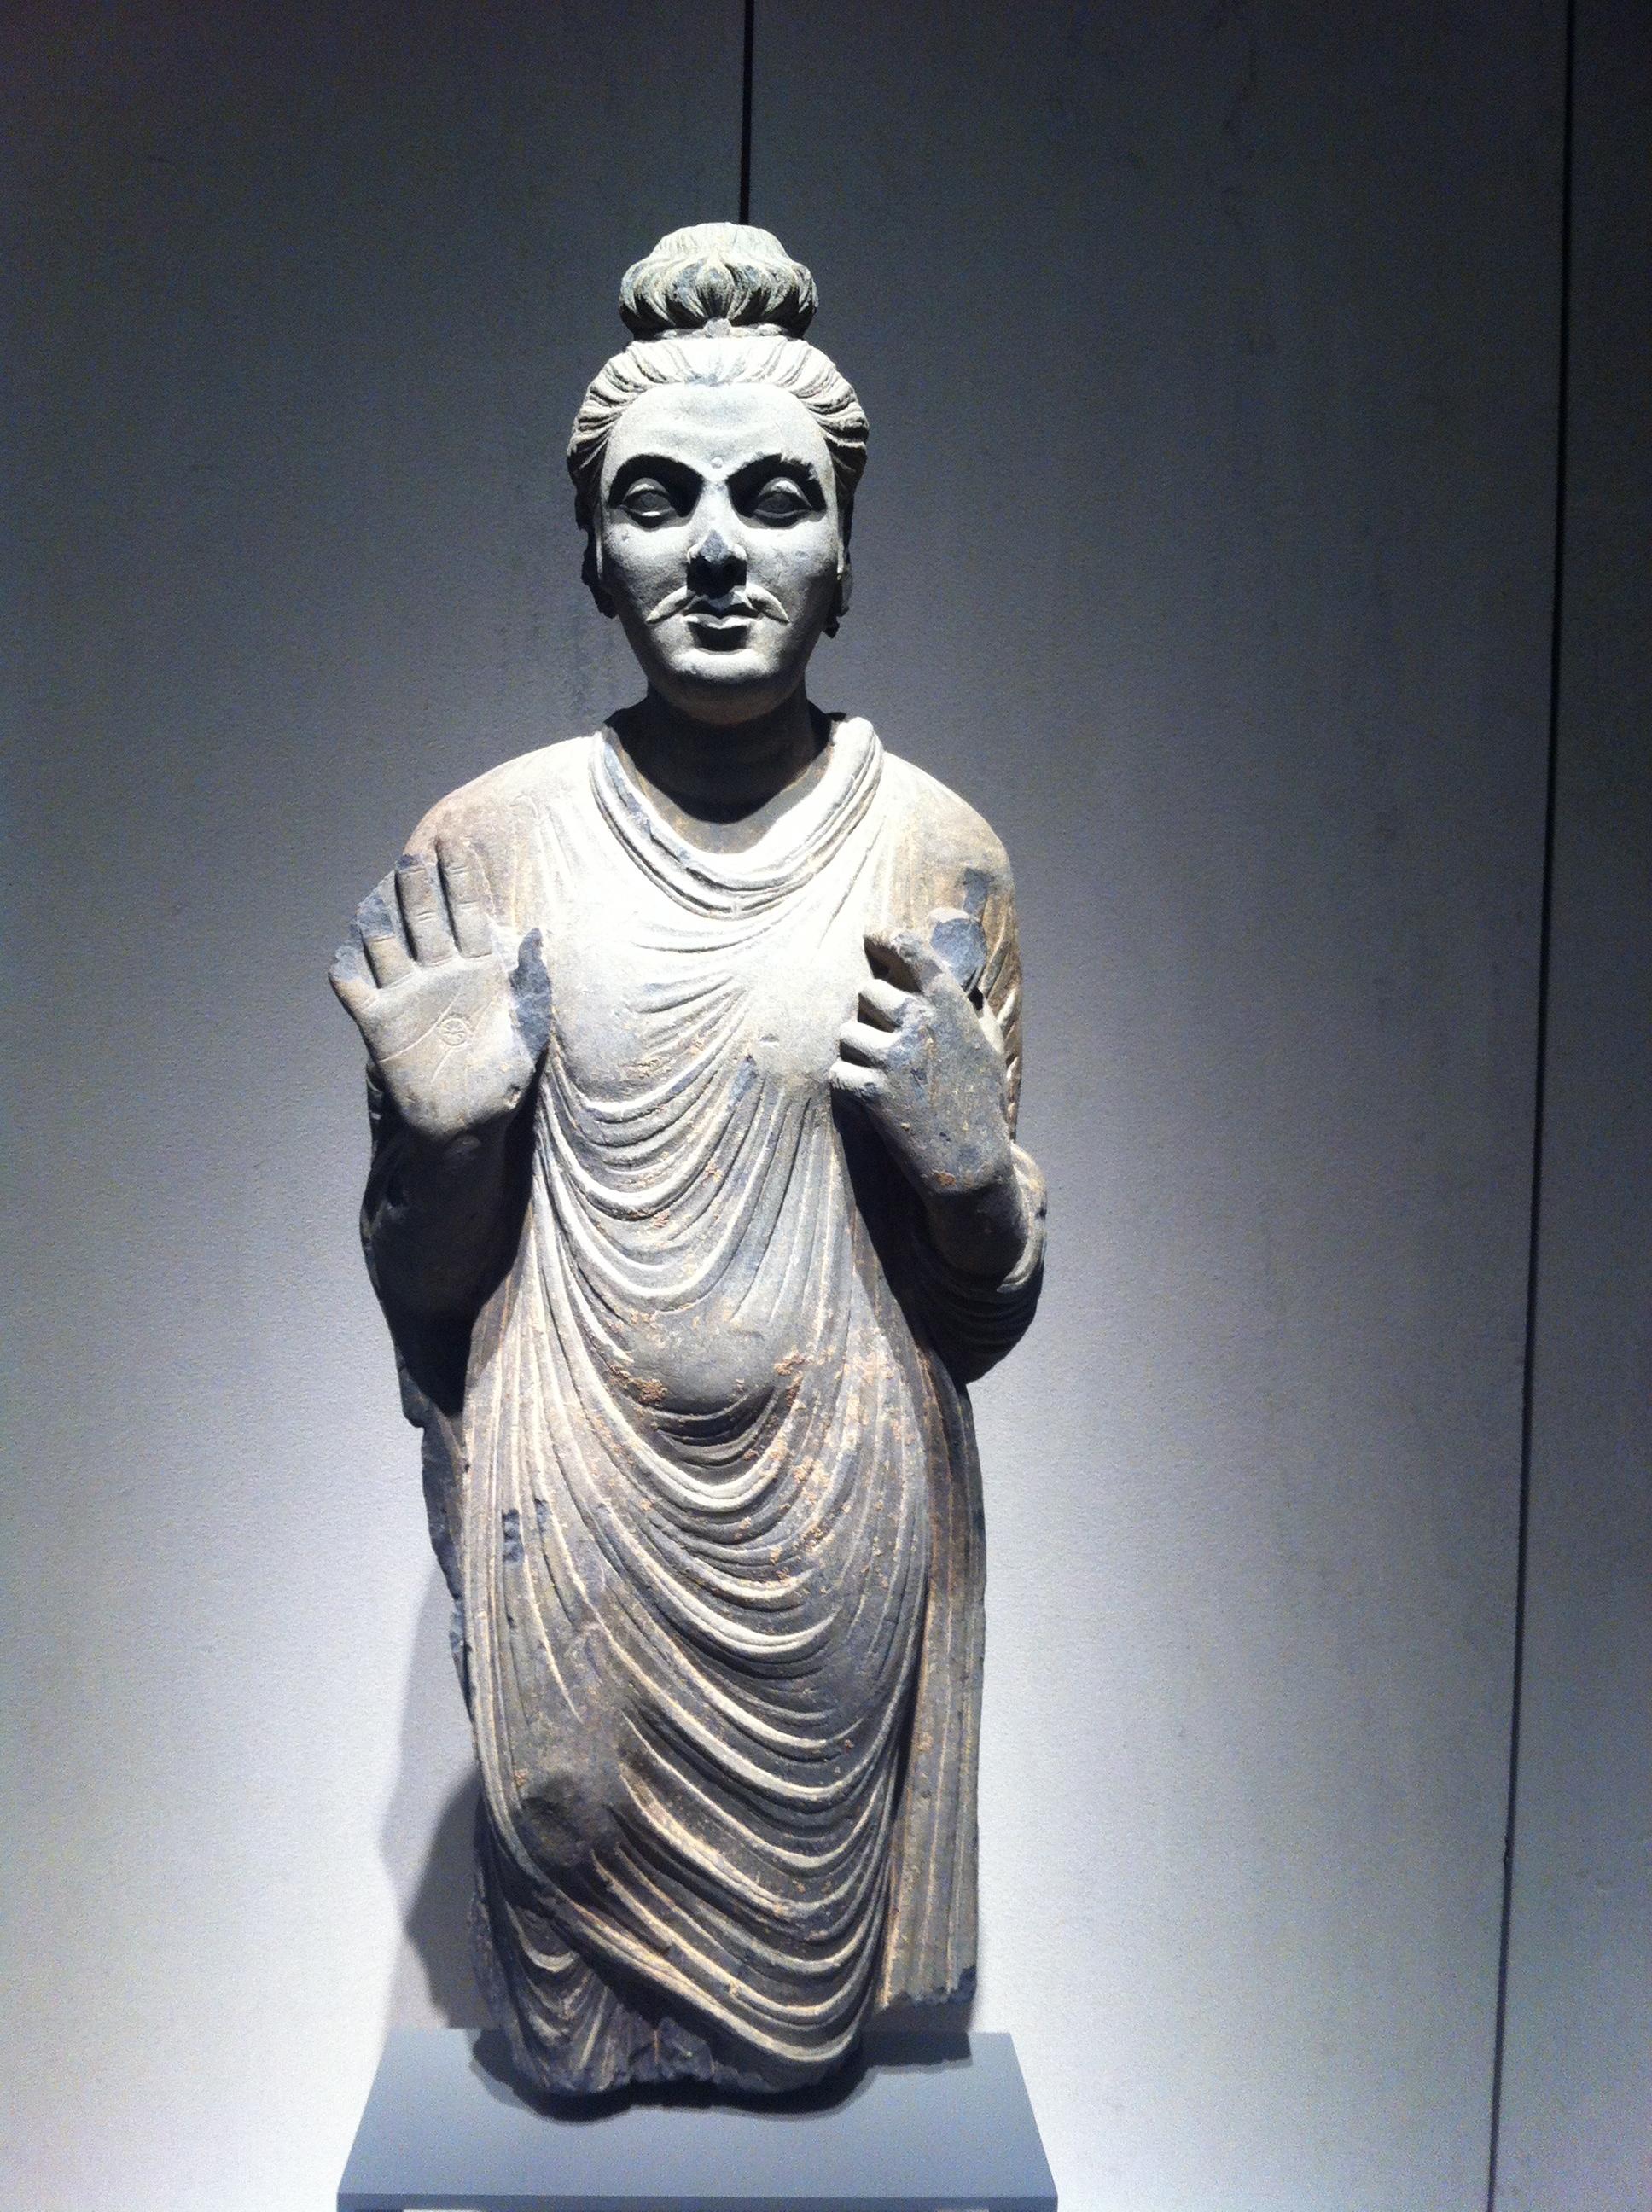 Stojący Budda, Gandar, Iwiek n.e., kolekcja Muzeum Dahlem, fot.K. Wielebska